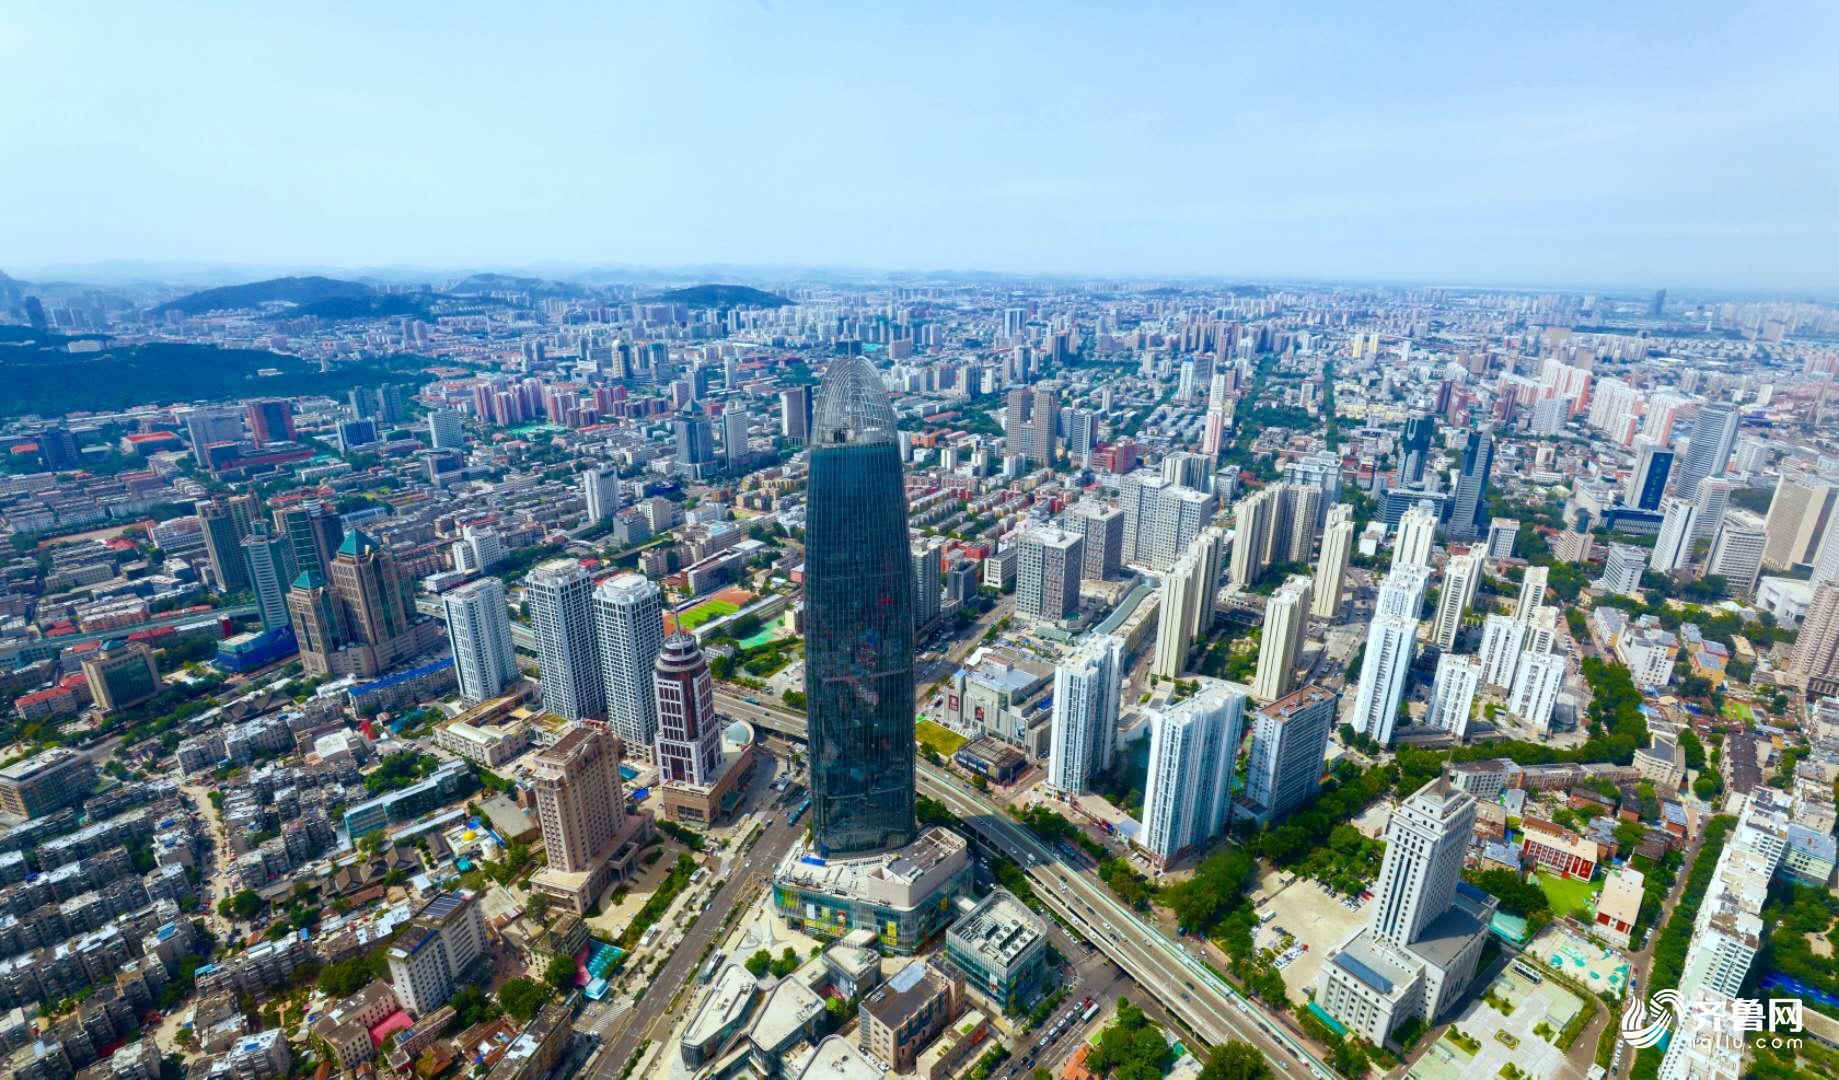 航拍直升机带你领略2000米高空下的济南城